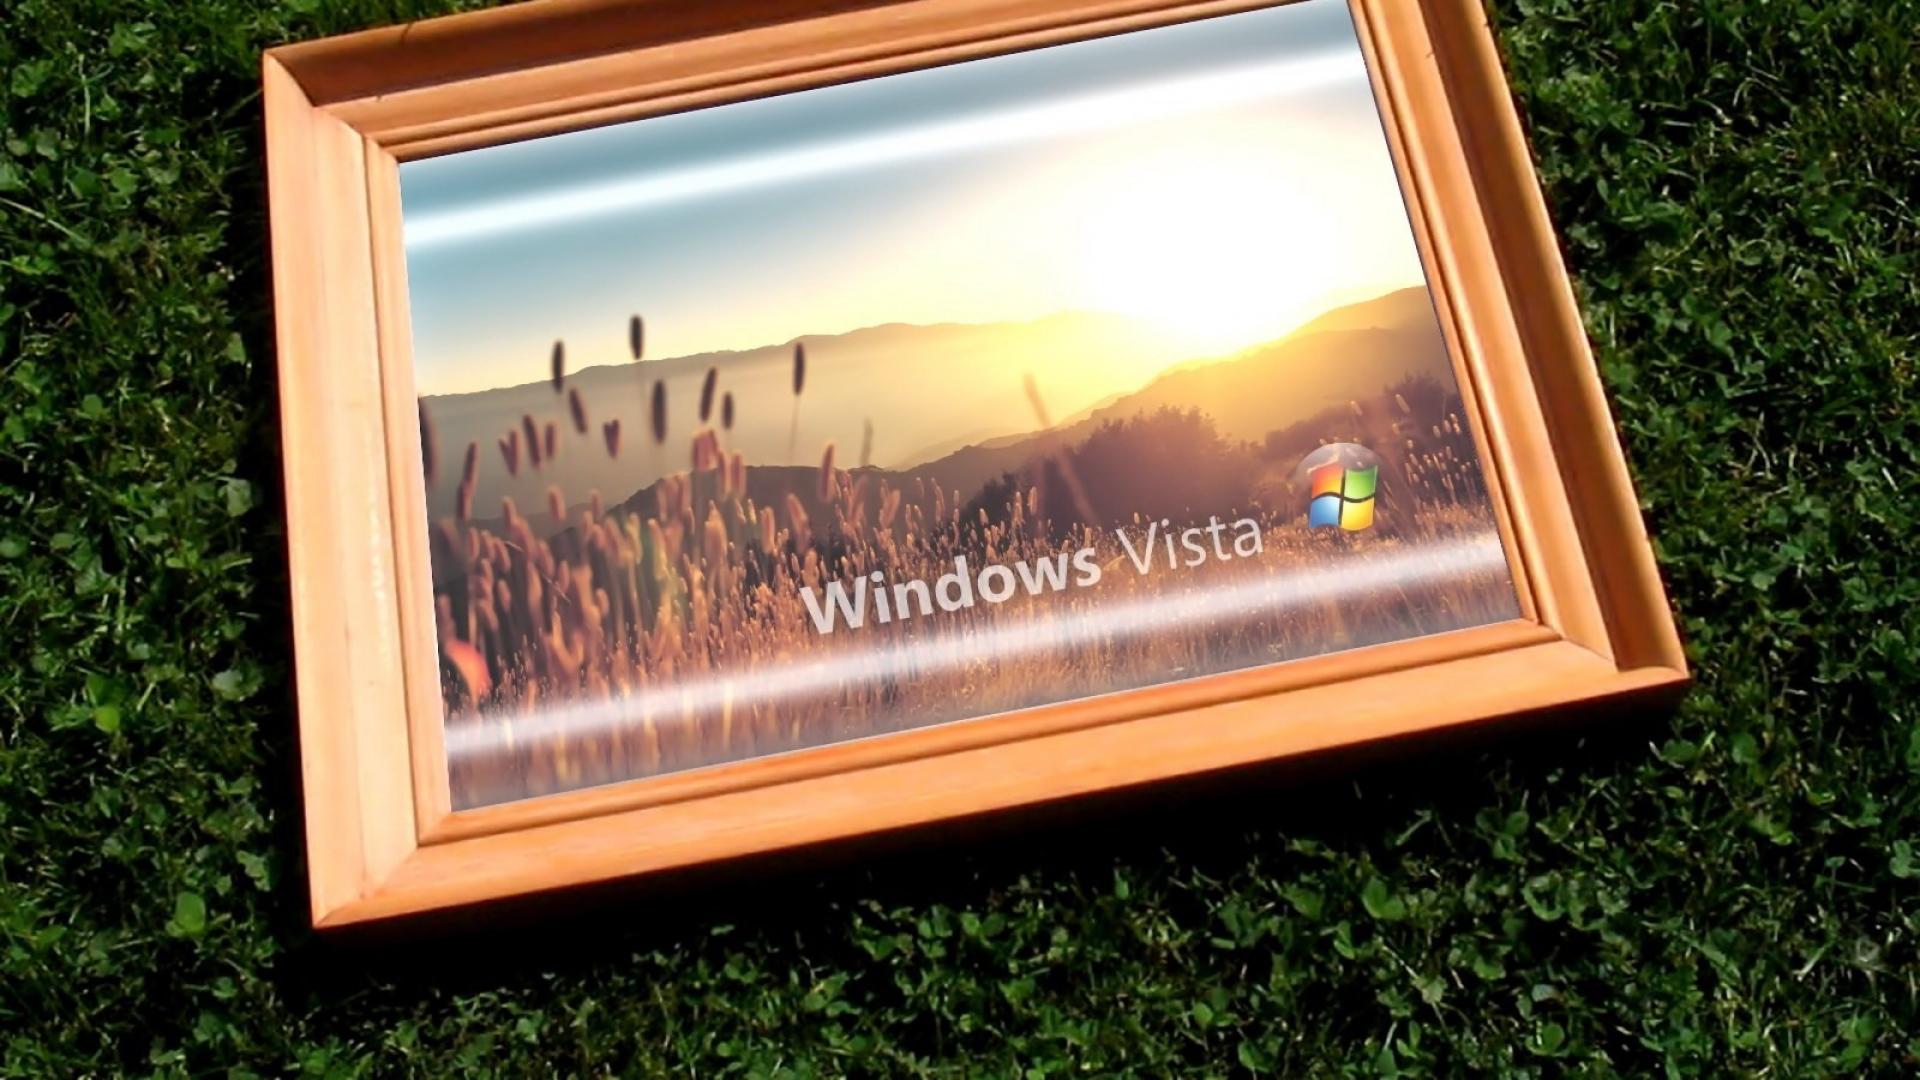 Download Wallpaper 1920x1080 Windows Vista Frame Grass Full Hd